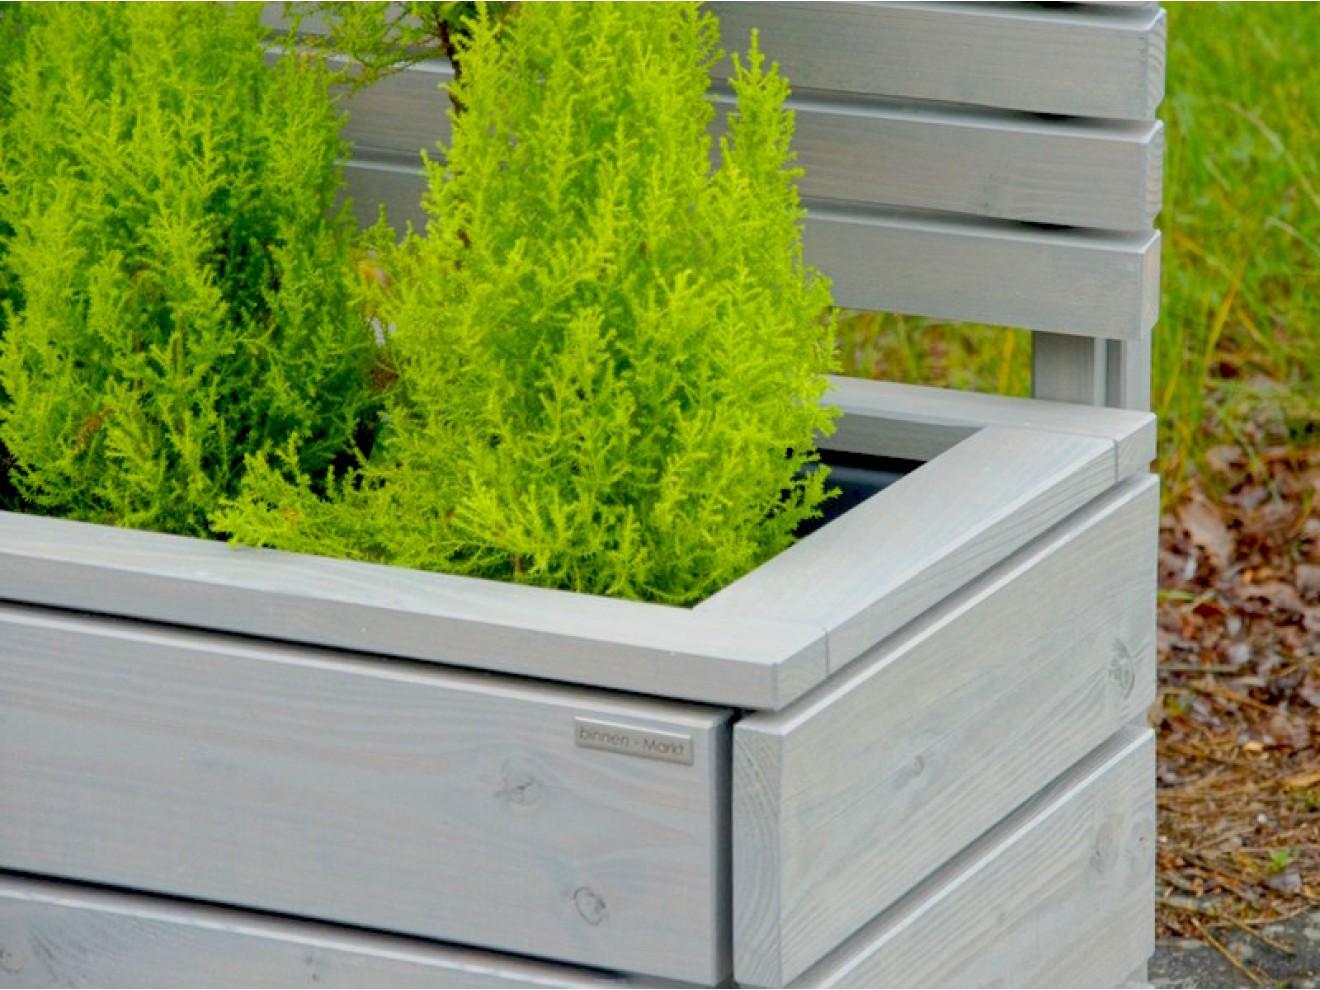 pflanzkasten holz sichtschutz kreative ideen f r design. Black Bedroom Furniture Sets. Home Design Ideas